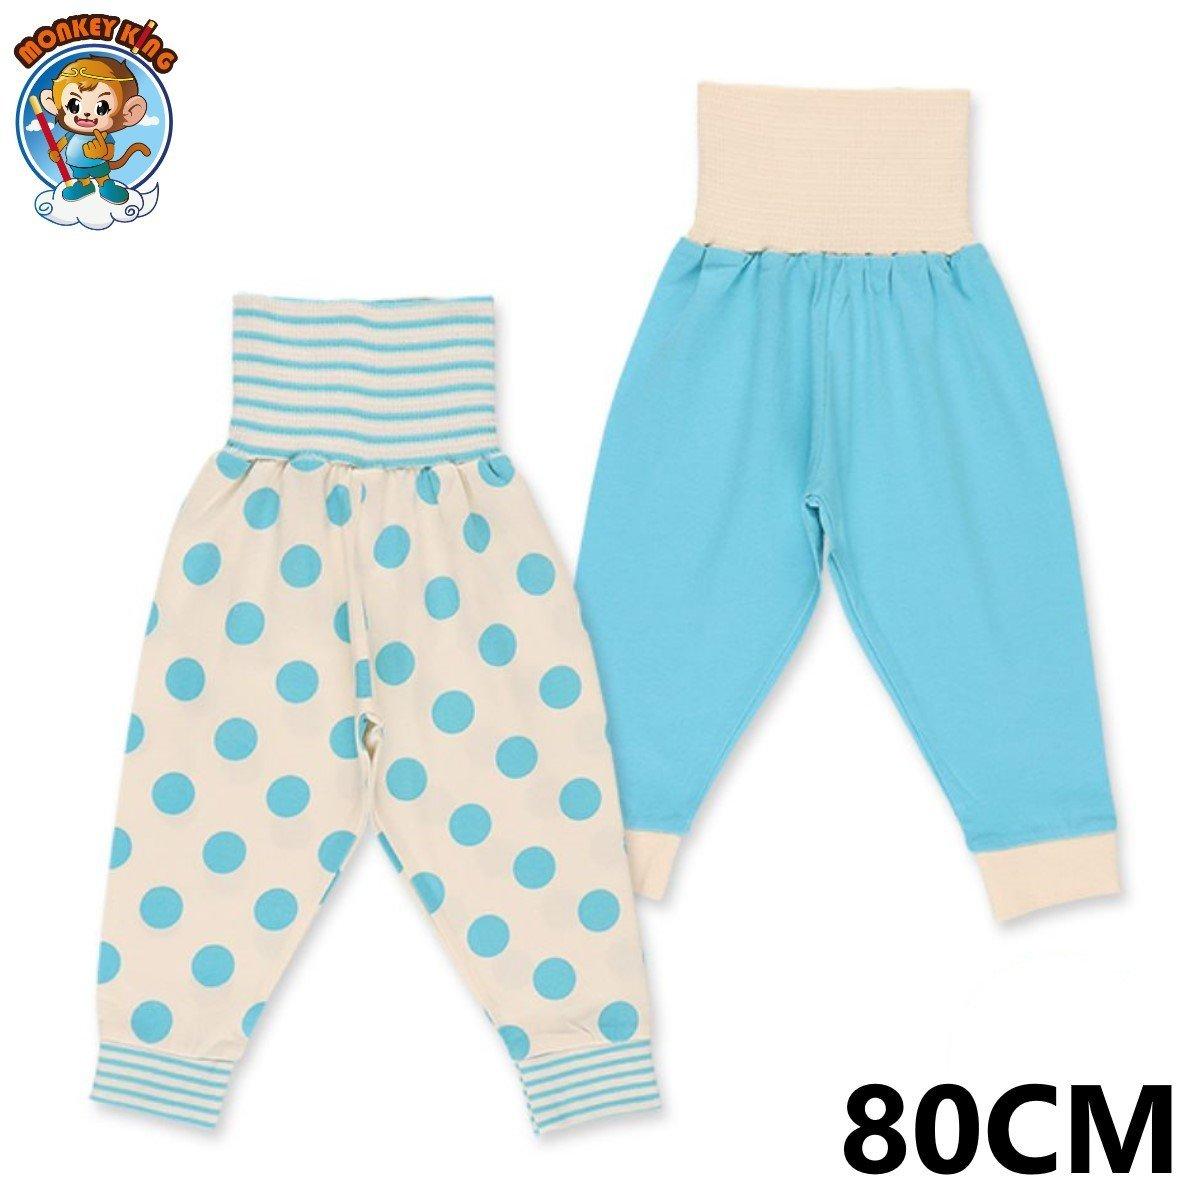 Kids' Fashion Belly-wrapped Pants (80CM) (2-Piece) - Blue/Dot